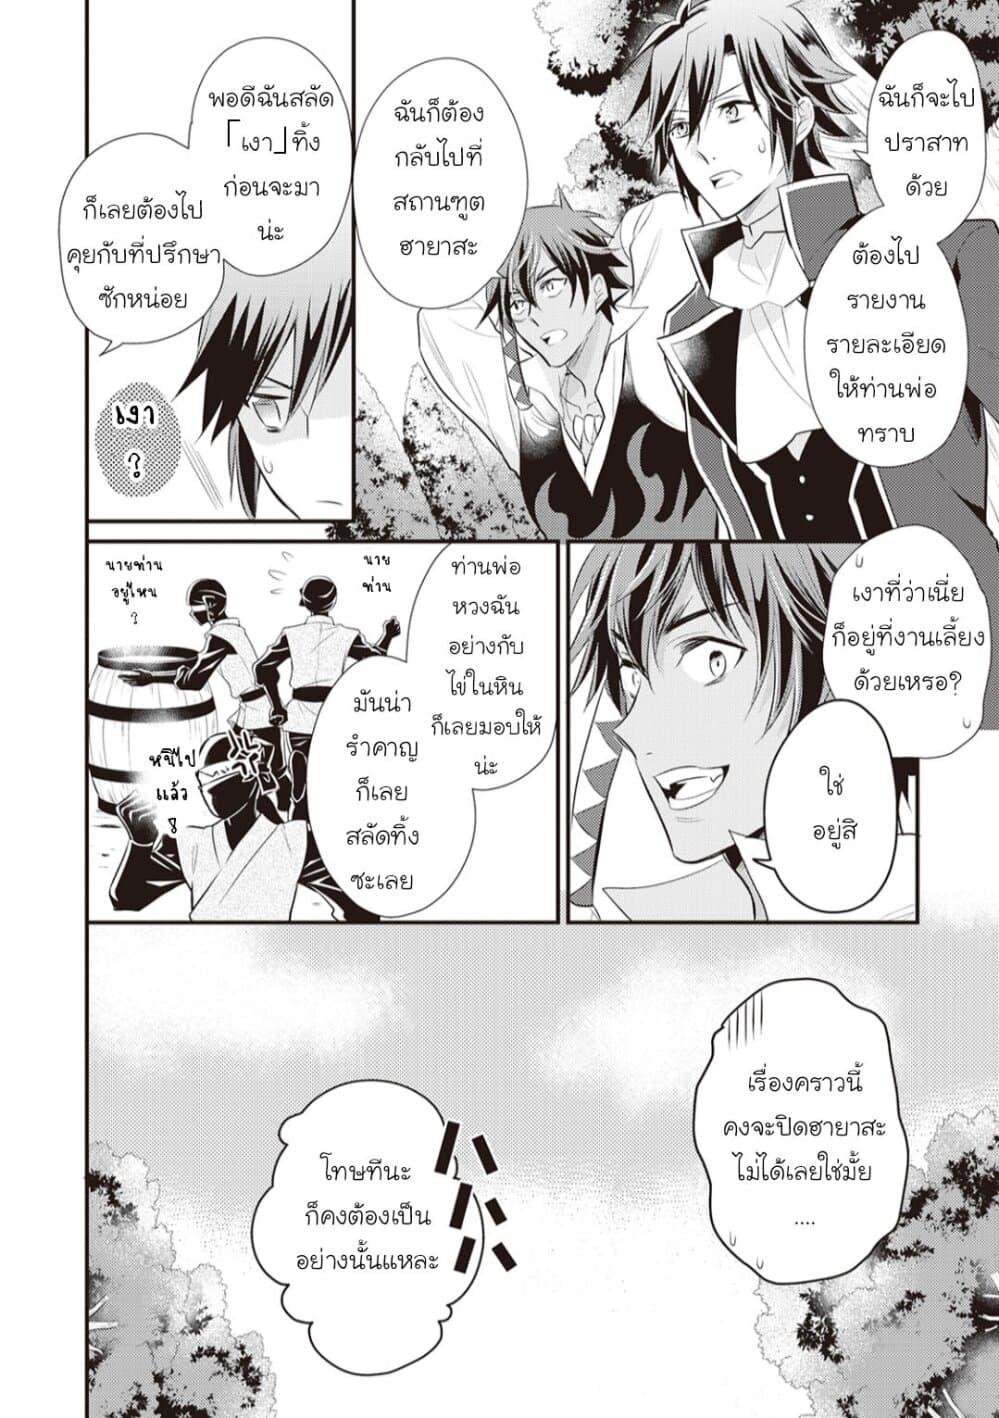 อ่านการ์ตูน Daites Ryou Koubouki ตอนที่ 23 หน้าที่ 2